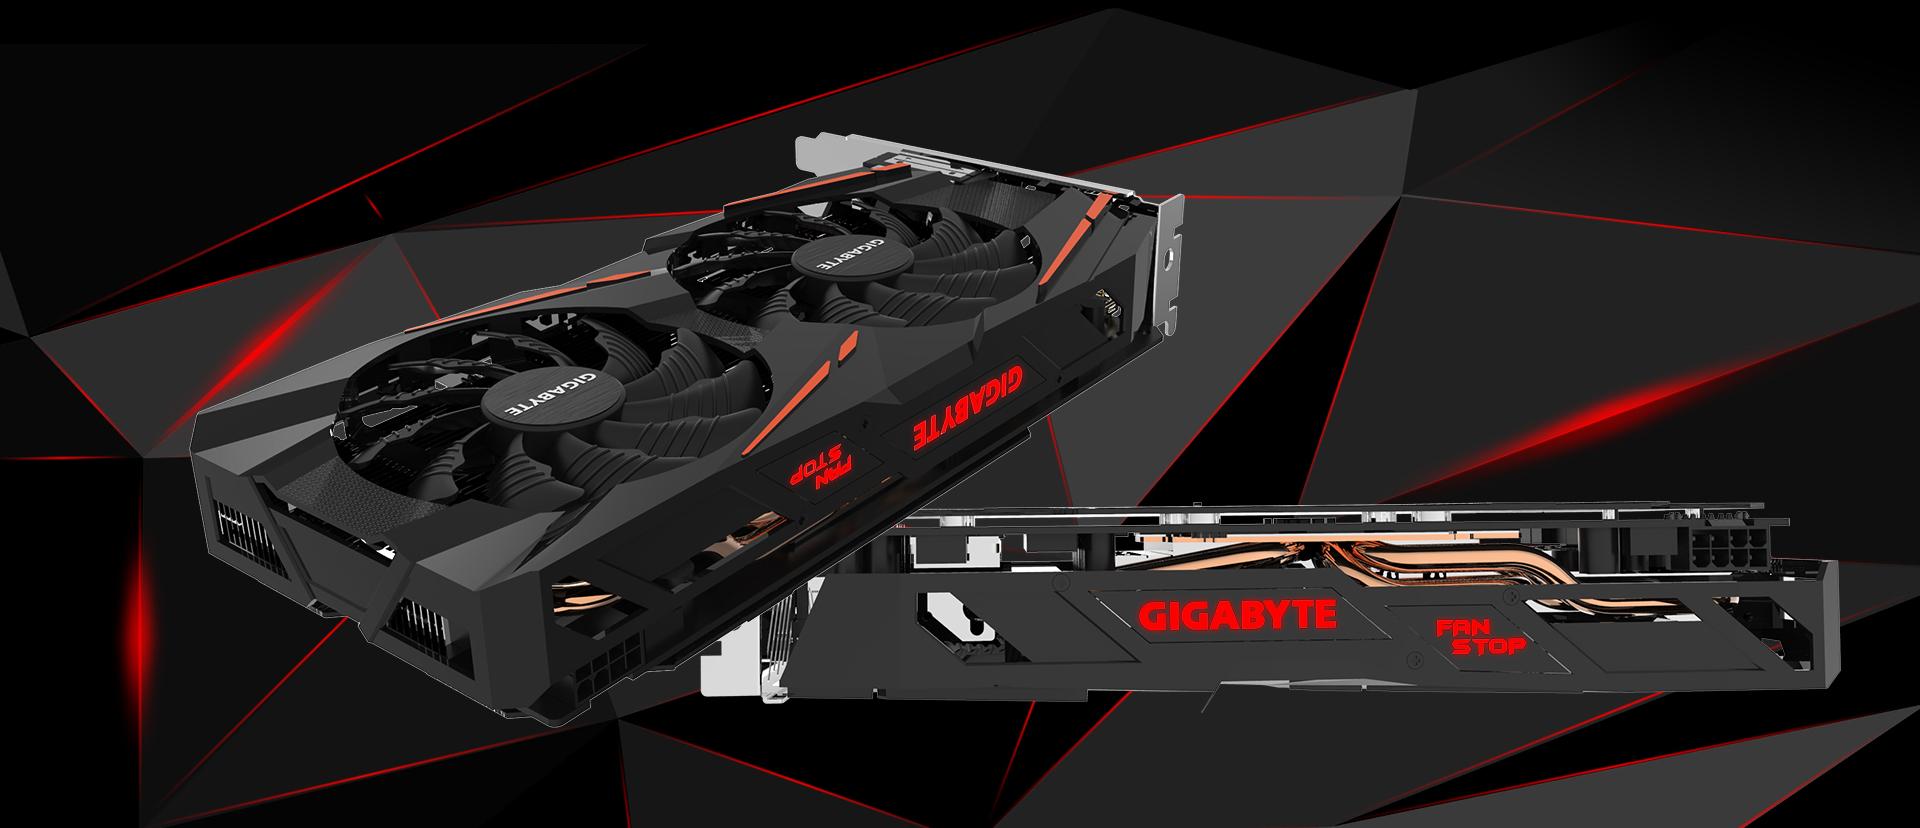 Gigabyte Radeon RX 580 GAMING 8GB GDDR5 podświetlenie LED